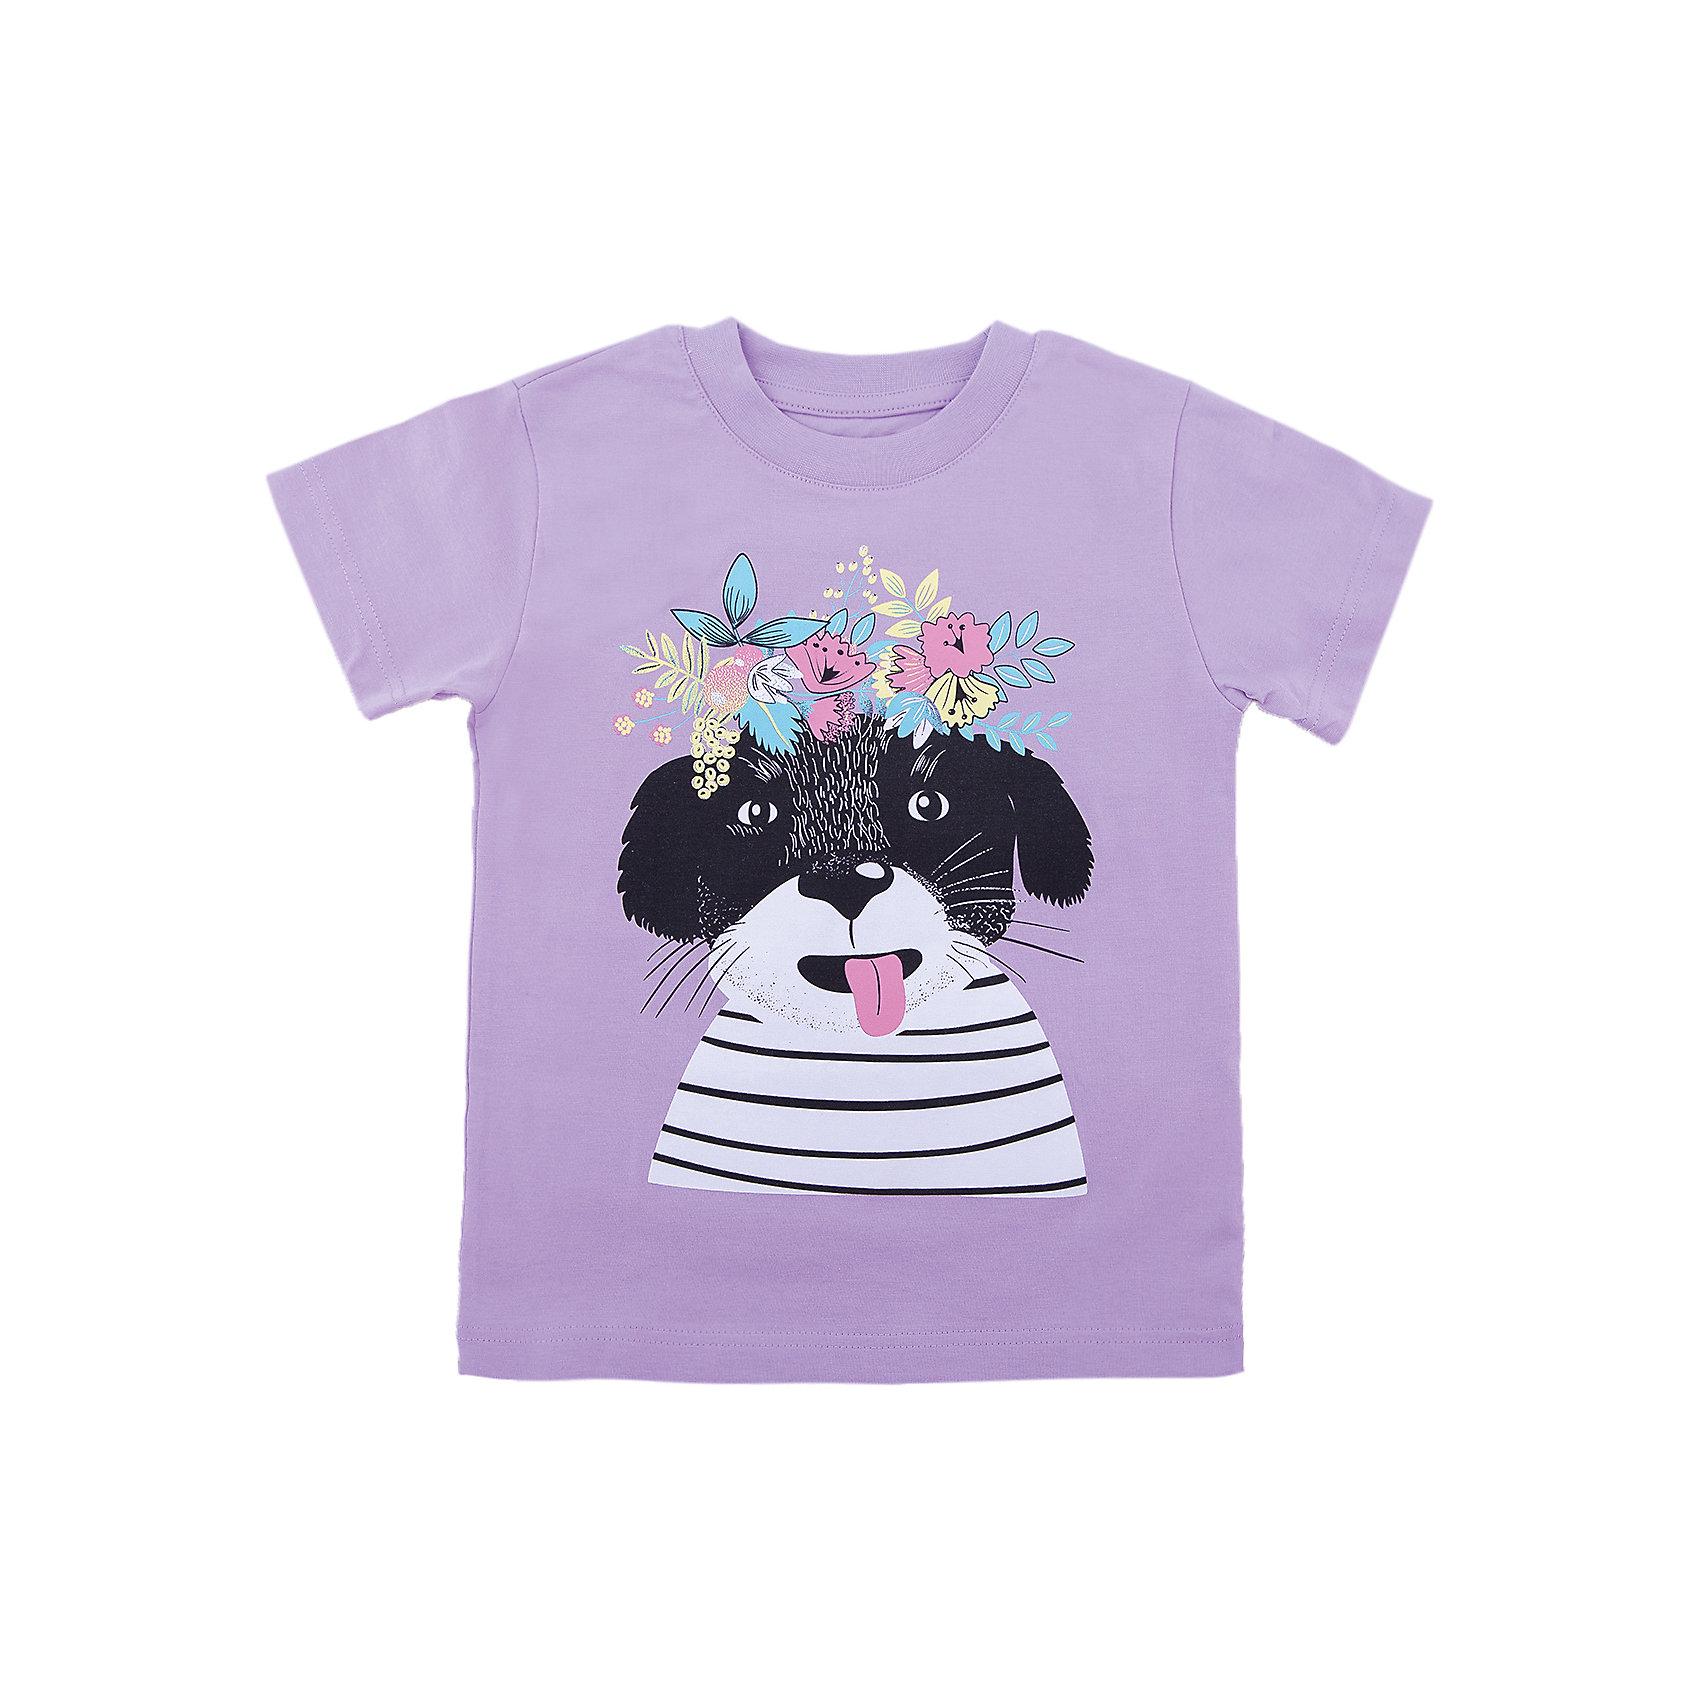 Футболка для девочки WOWФутболки, поло и топы<br>Футболка для девочки WOW<br>Незаменимой вещью в  гардеробе послужит футболка с коротким рукавом. Стильная и в тоже время комфортная модель, с яркой оригинальной печатью, будет превосходно смотреться на ребенке.<br>Состав:<br>кулирная гладь 100% хлопок<br><br>Ширина мм: 199<br>Глубина мм: 10<br>Высота мм: 161<br>Вес г: 151<br>Цвет: фиолетовый<br>Возраст от месяцев: 72<br>Возраст до месяцев: 84<br>Пол: Женский<br>Возраст: Детский<br>Размер: 122,98,104,110,116<br>SKU: 6871569